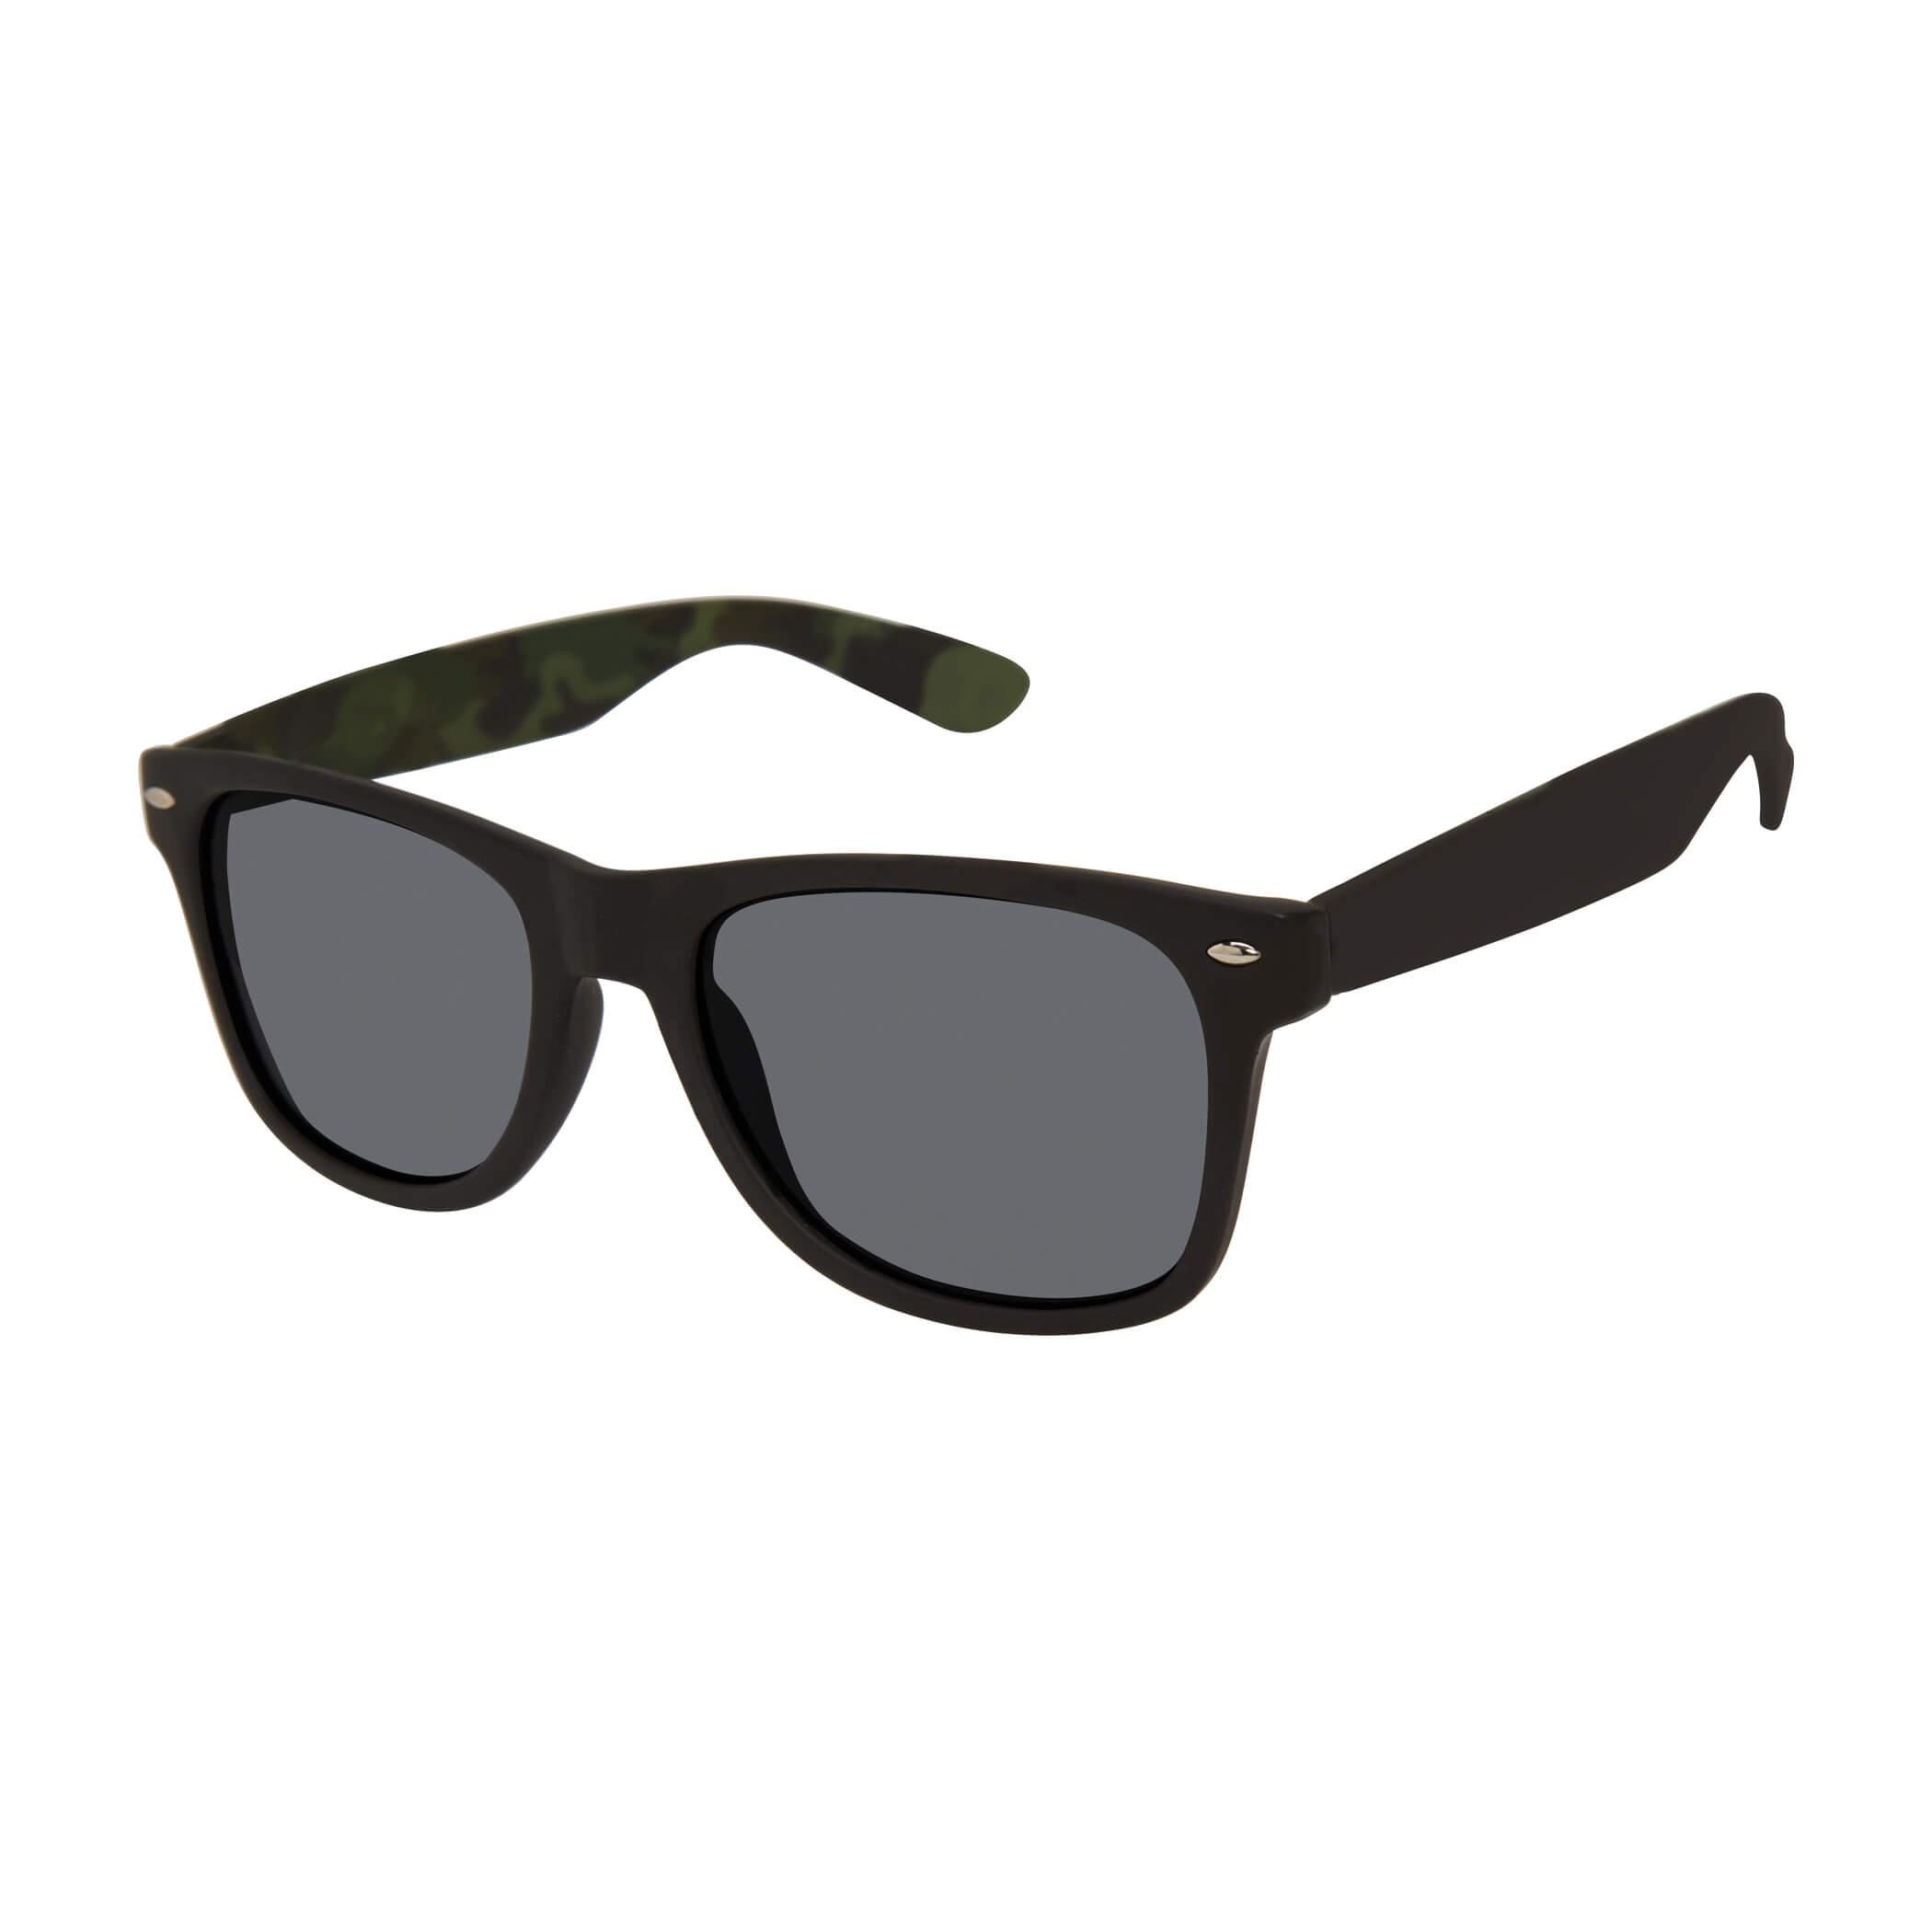 Men's Wanderer Sunglasses